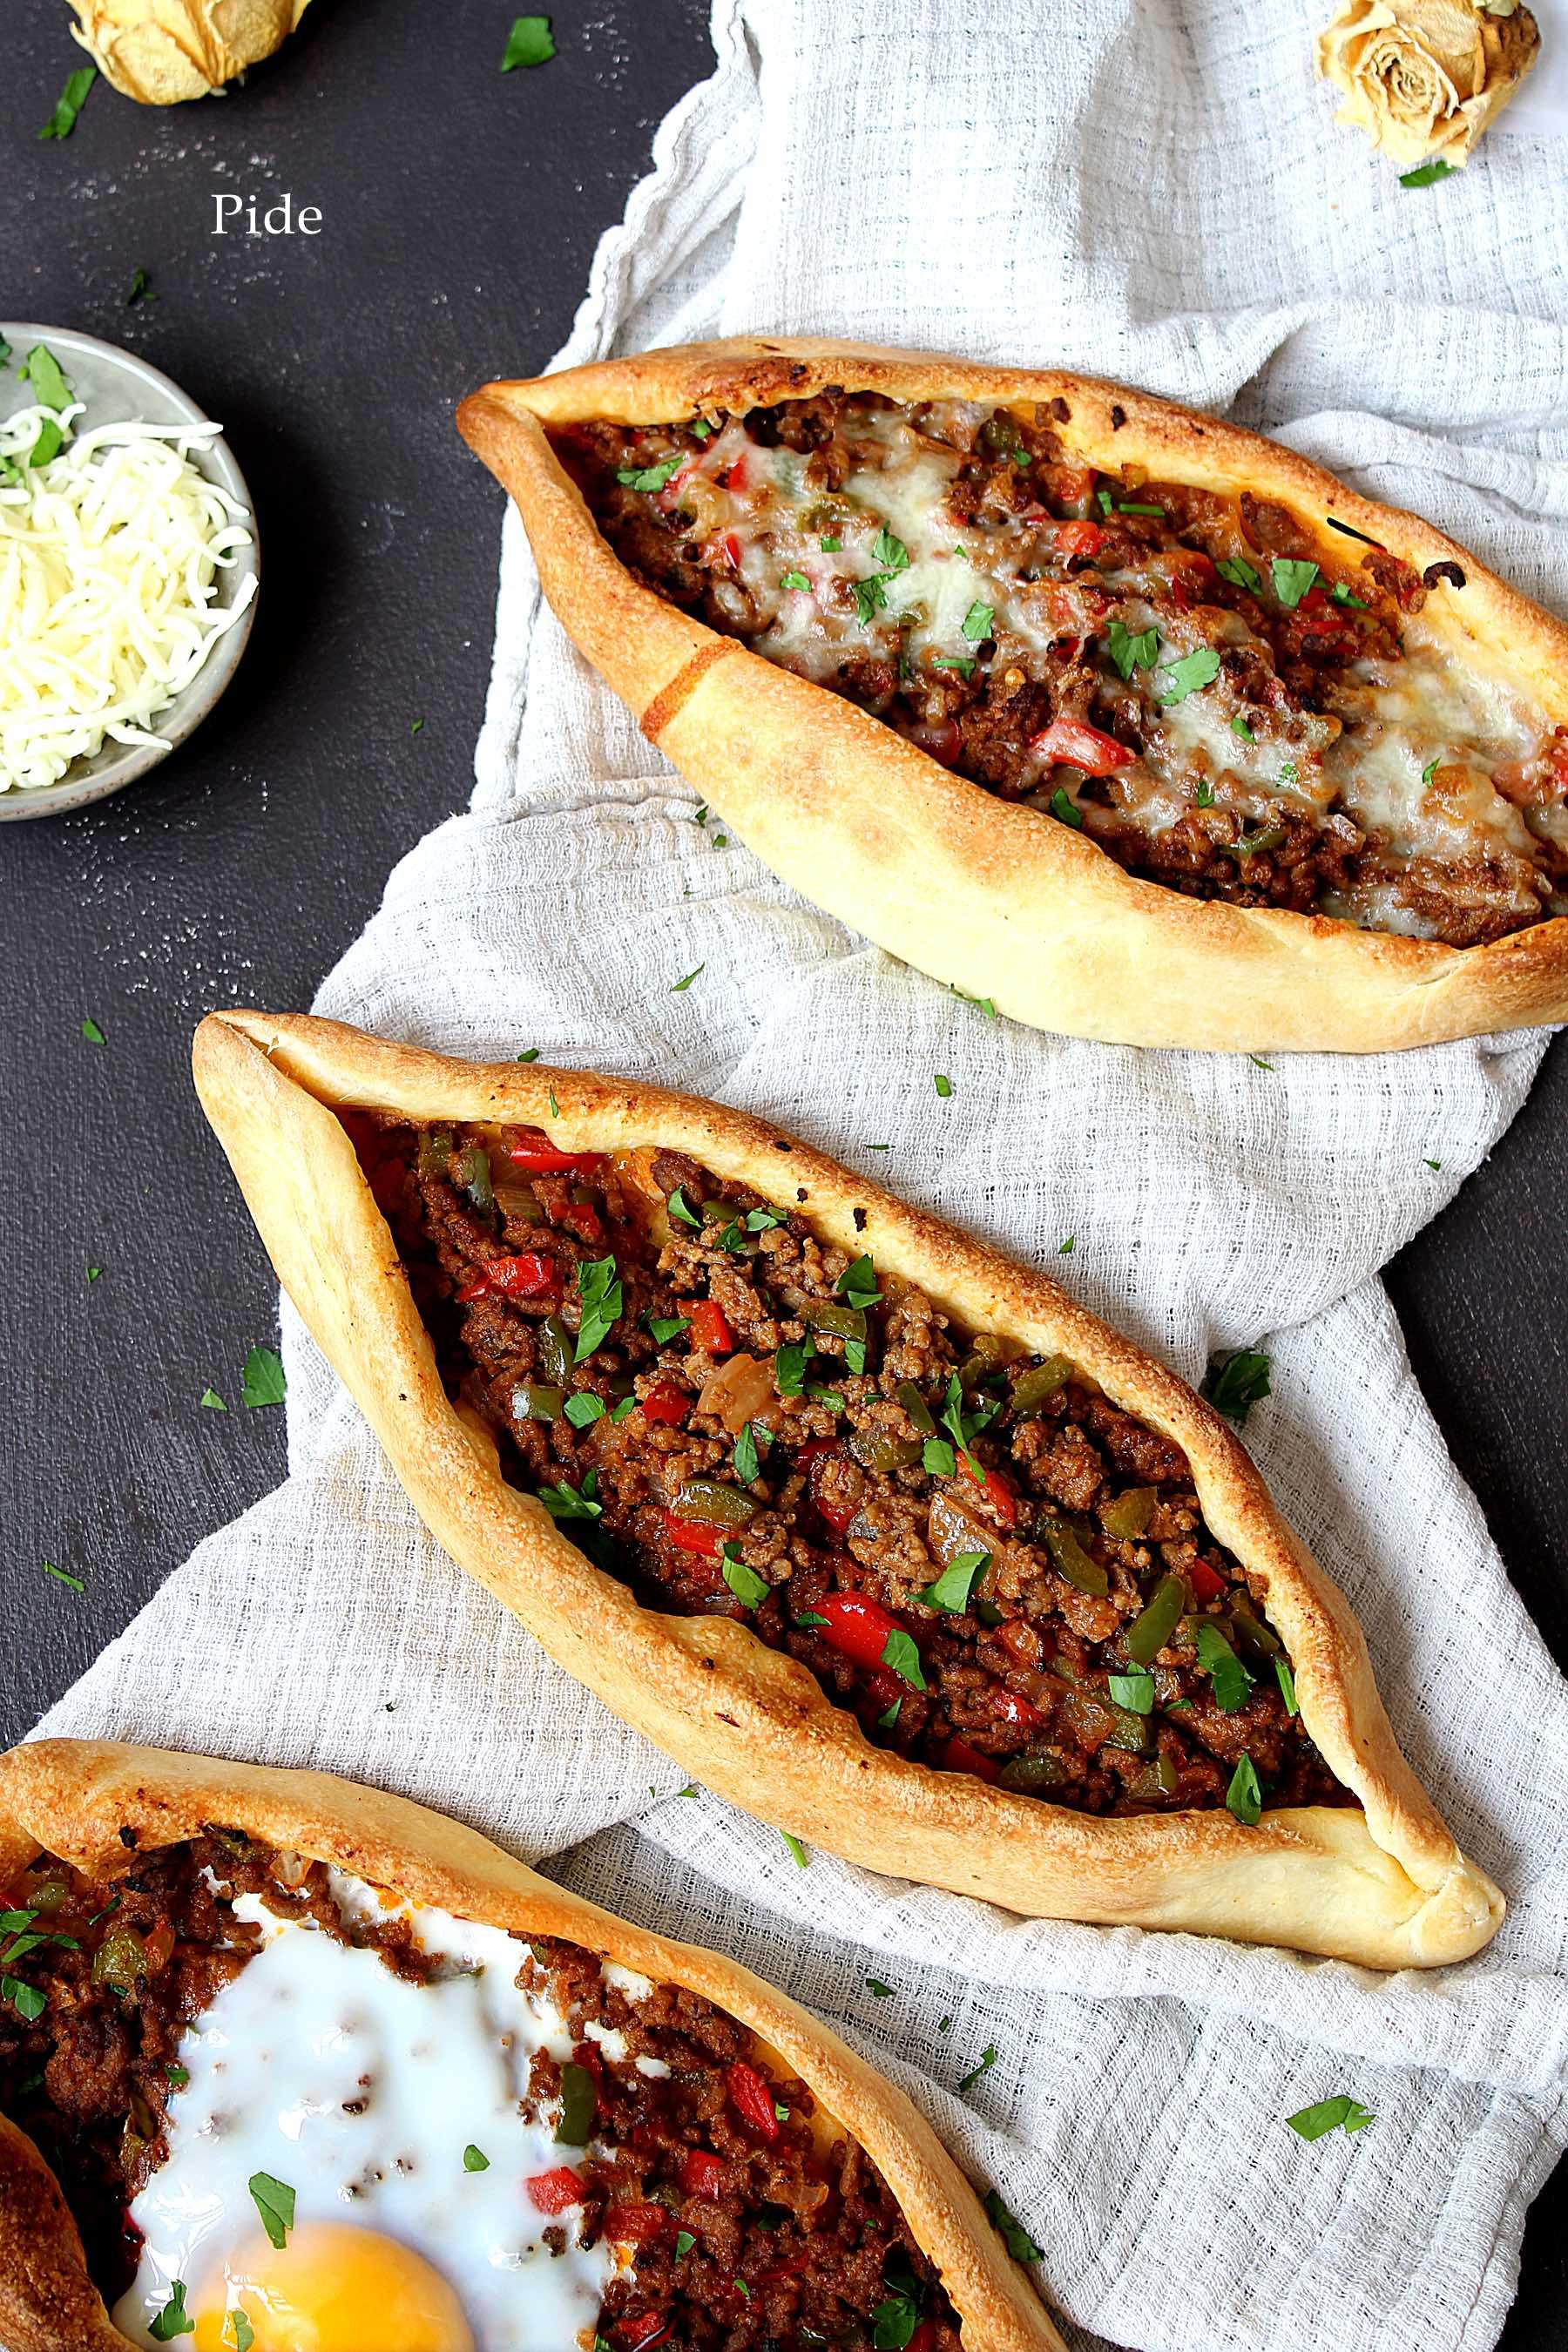 Pide, la pizza turque à la viande hachée